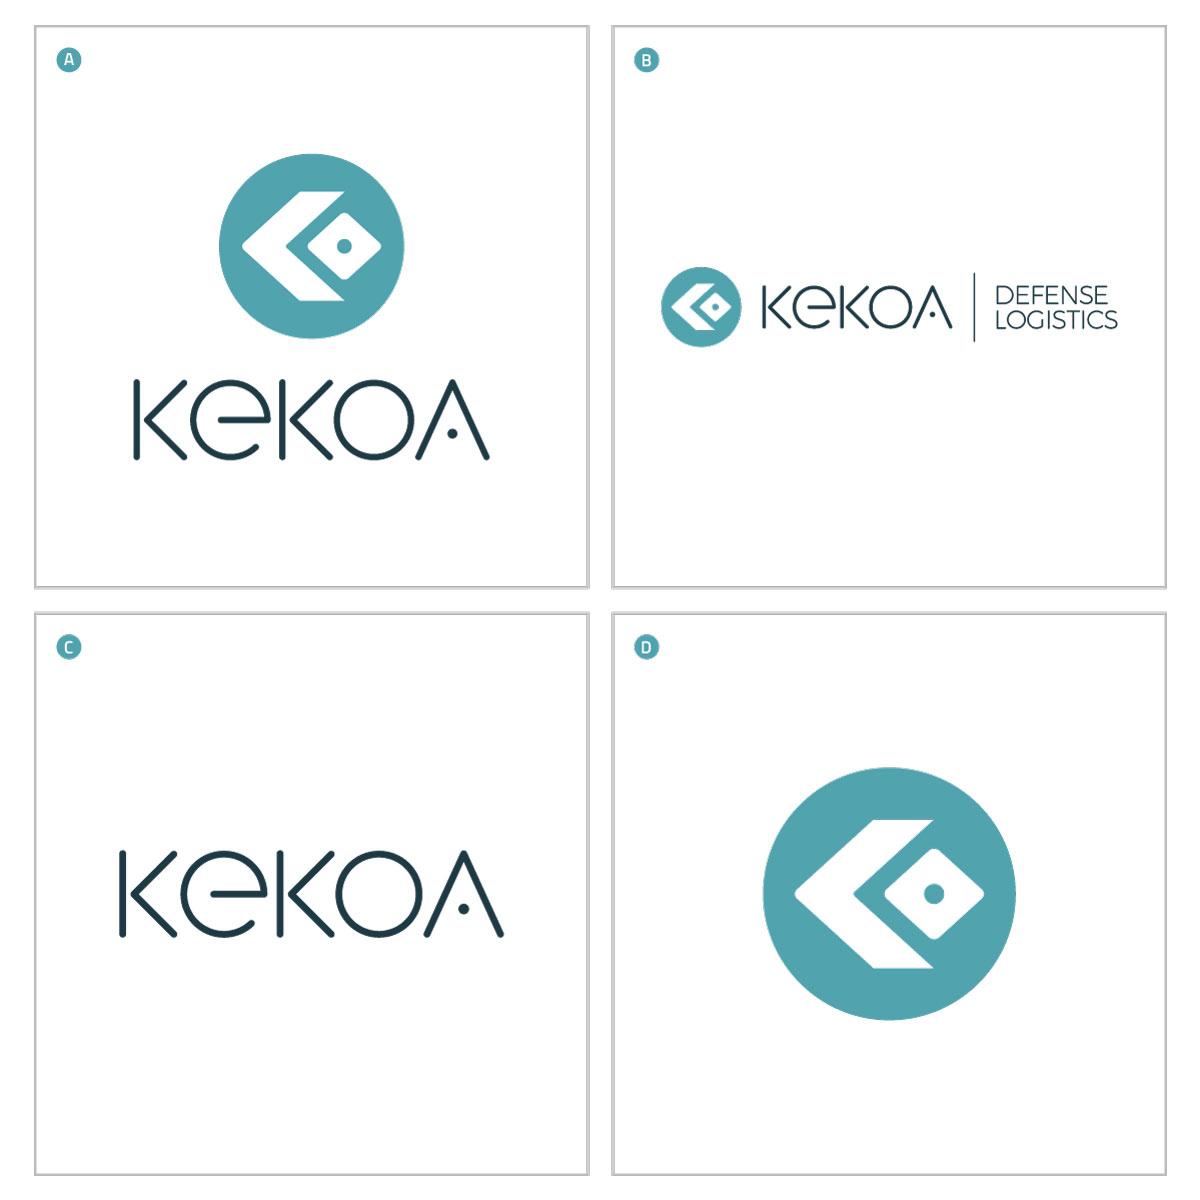 Kekoa_Logos.jpg